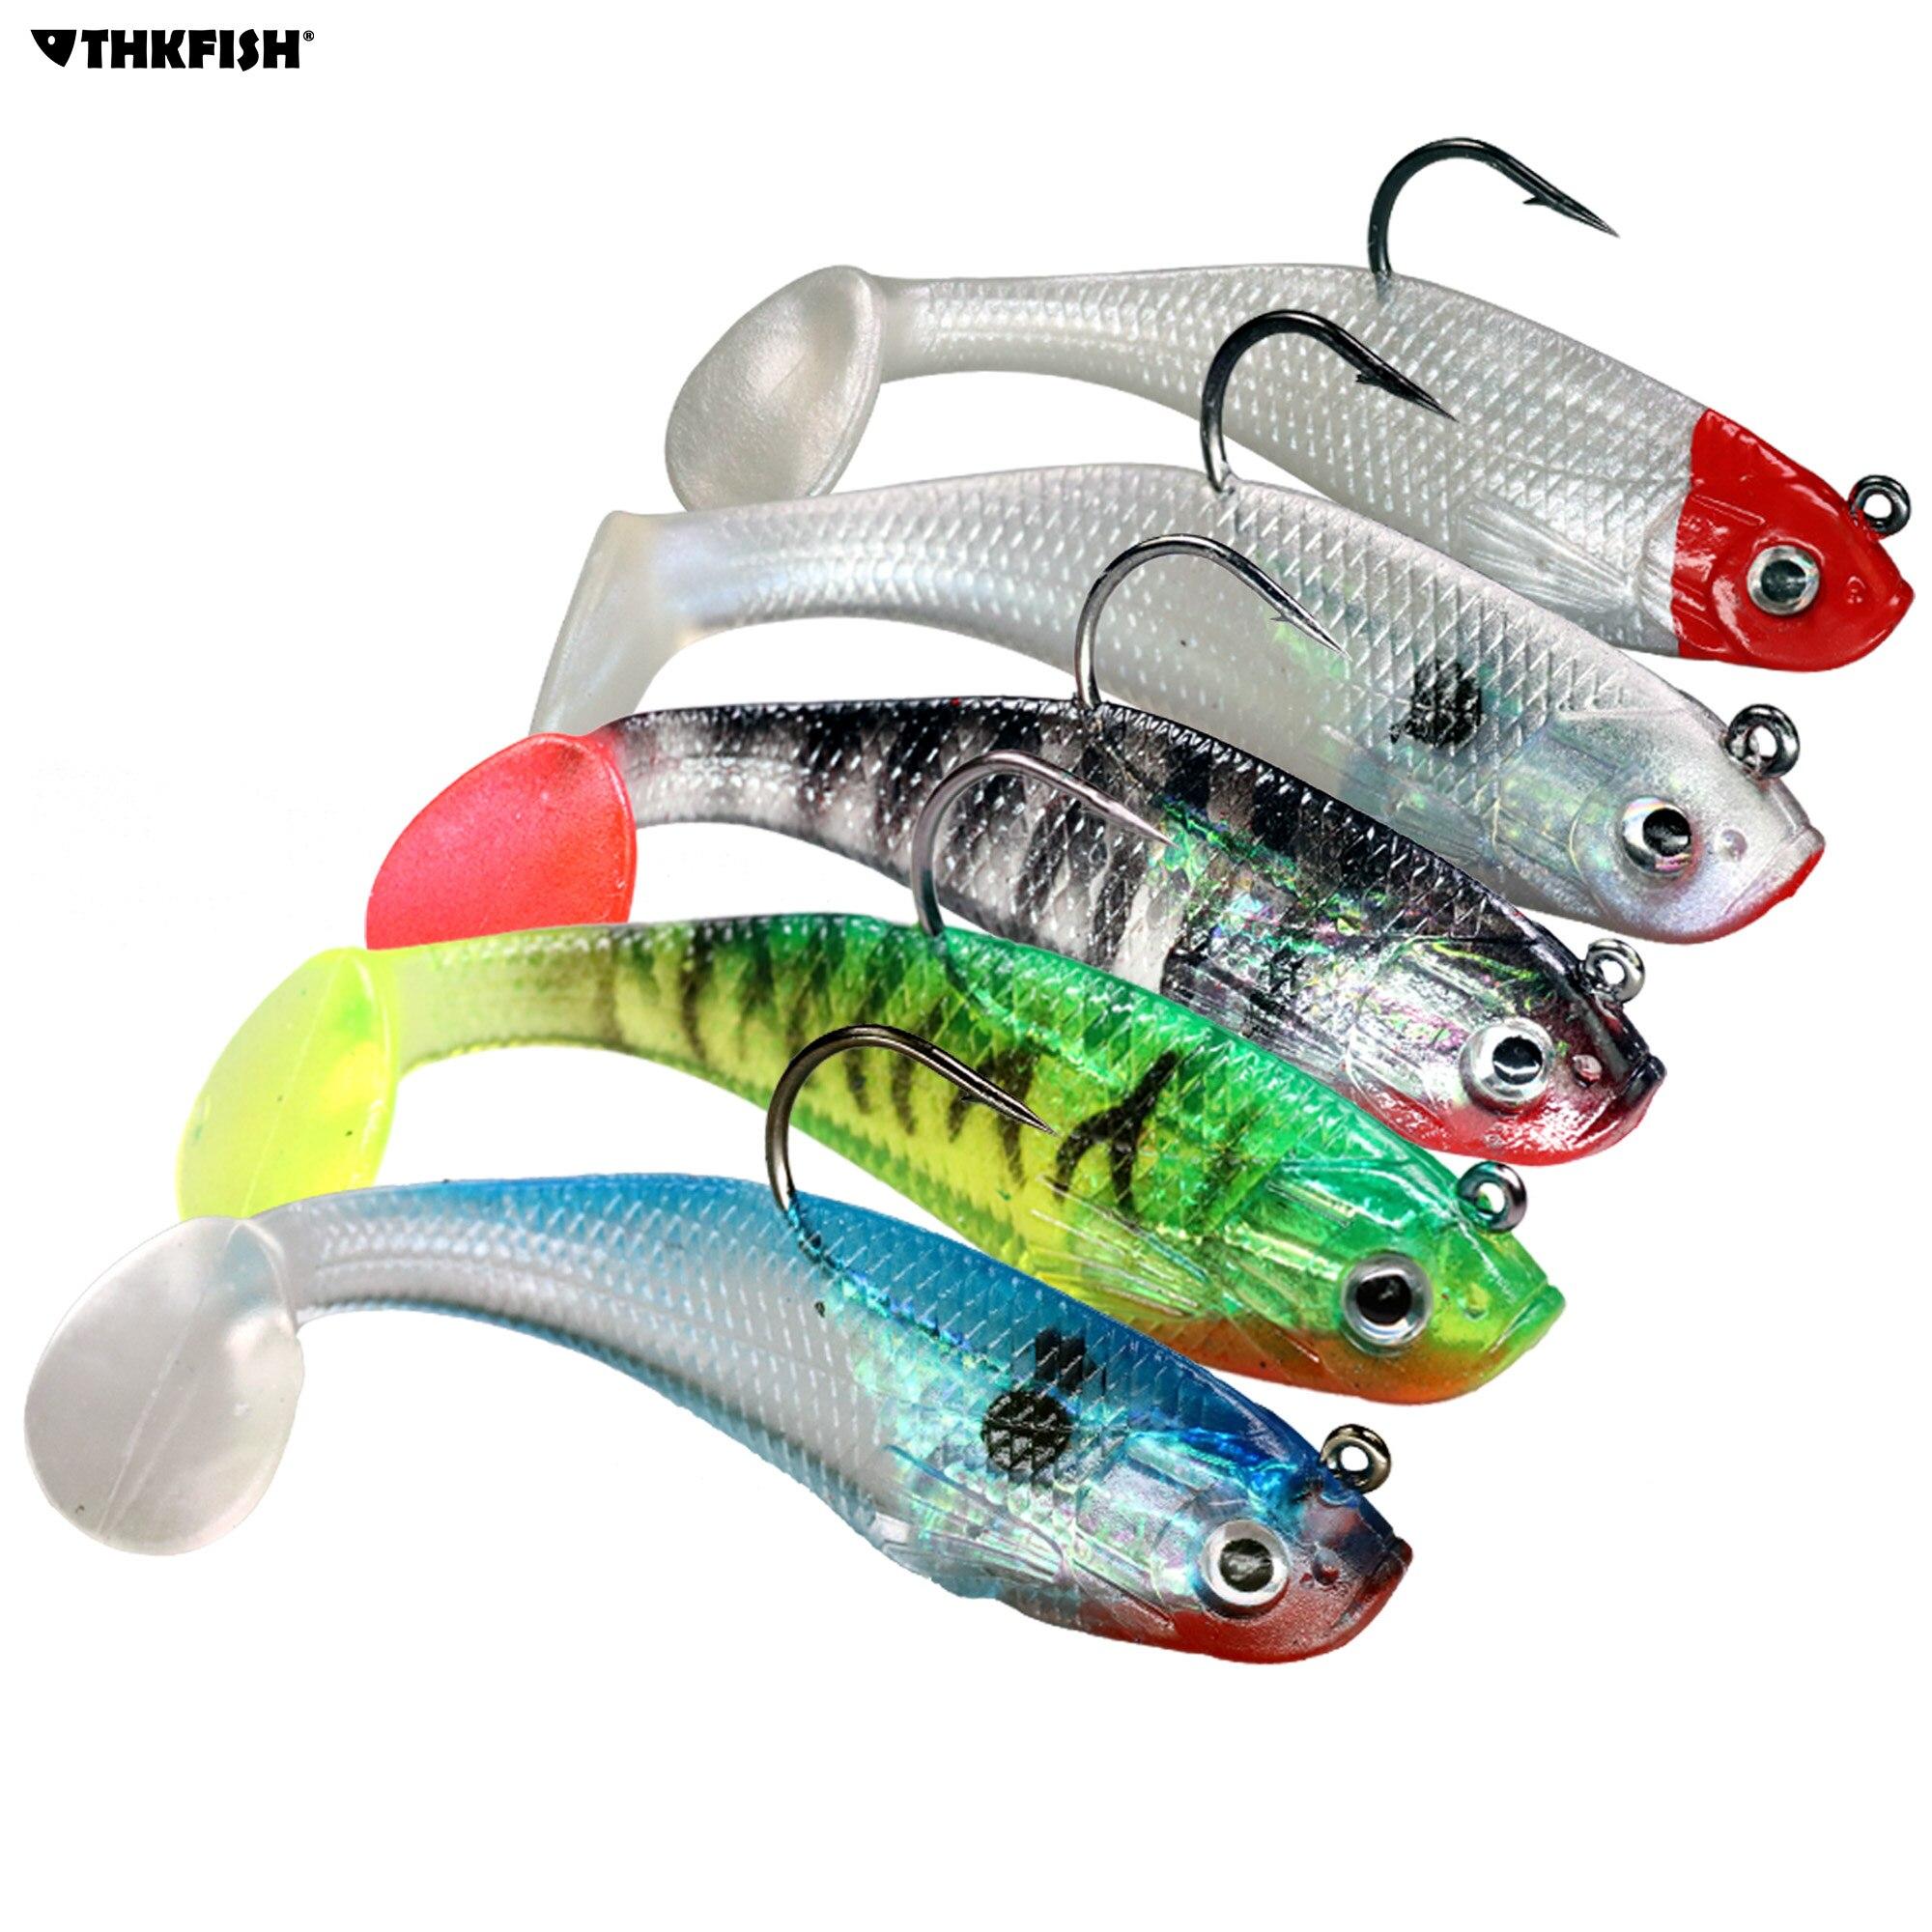 30Pcs T-Tail Soft Fishing Lure Bassbait Saltwater Swimbait Fish Bait Accessorie